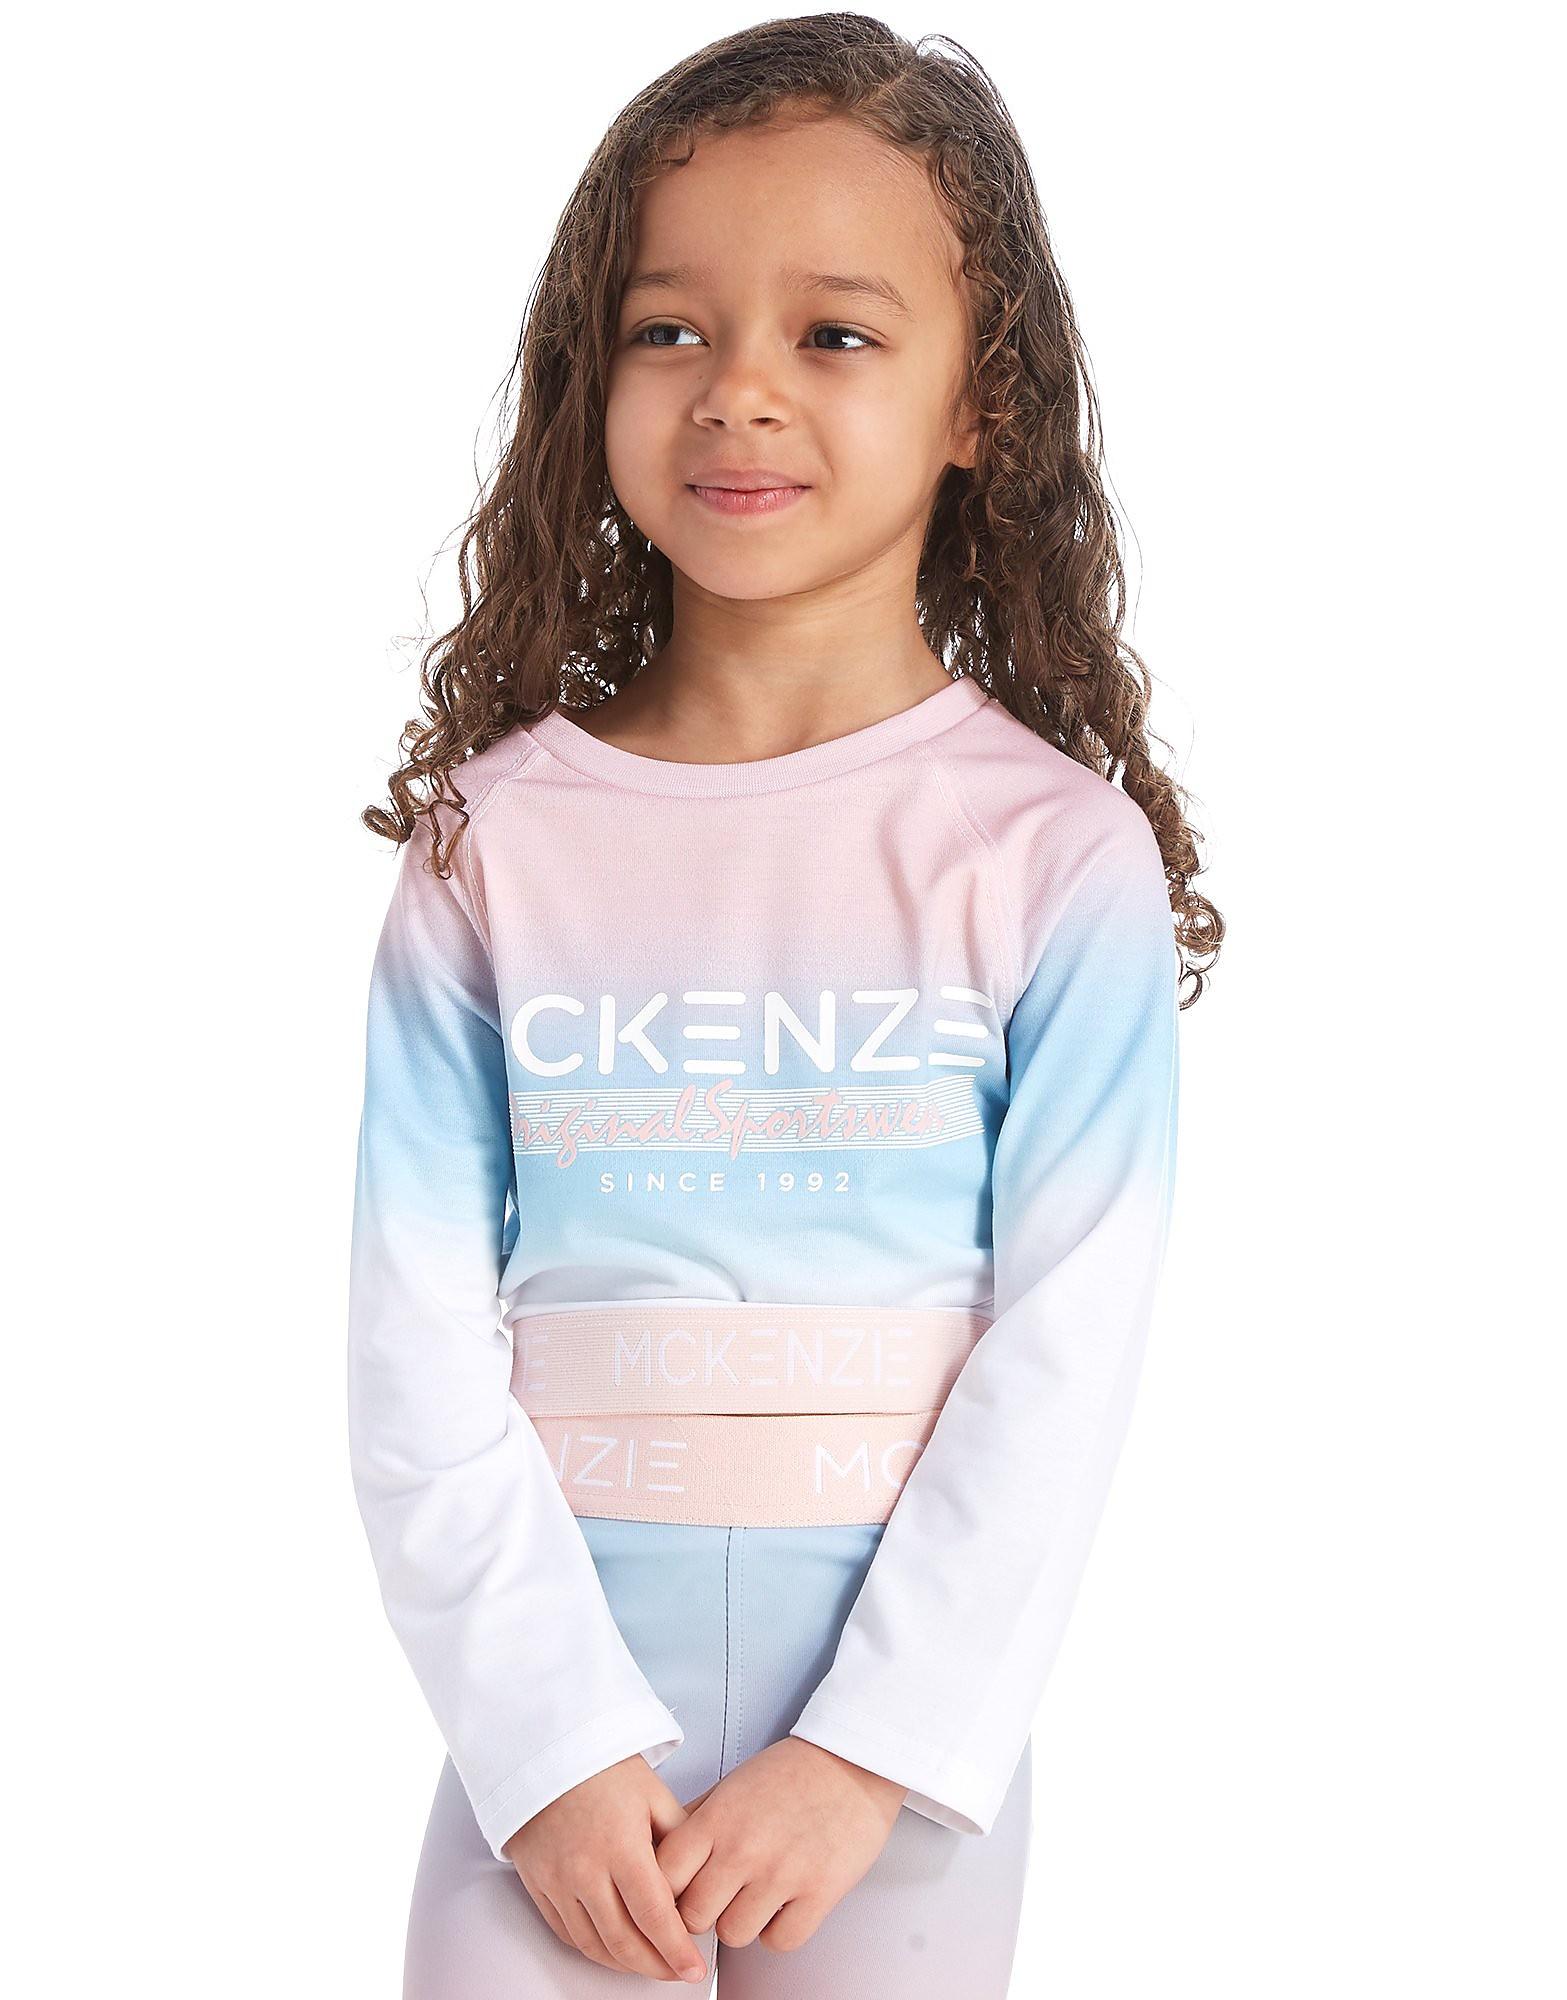 McKenzie Girls' Luna Long Sleeve Crop T-Shirt Enfant - rose/bleu, rose/bleu